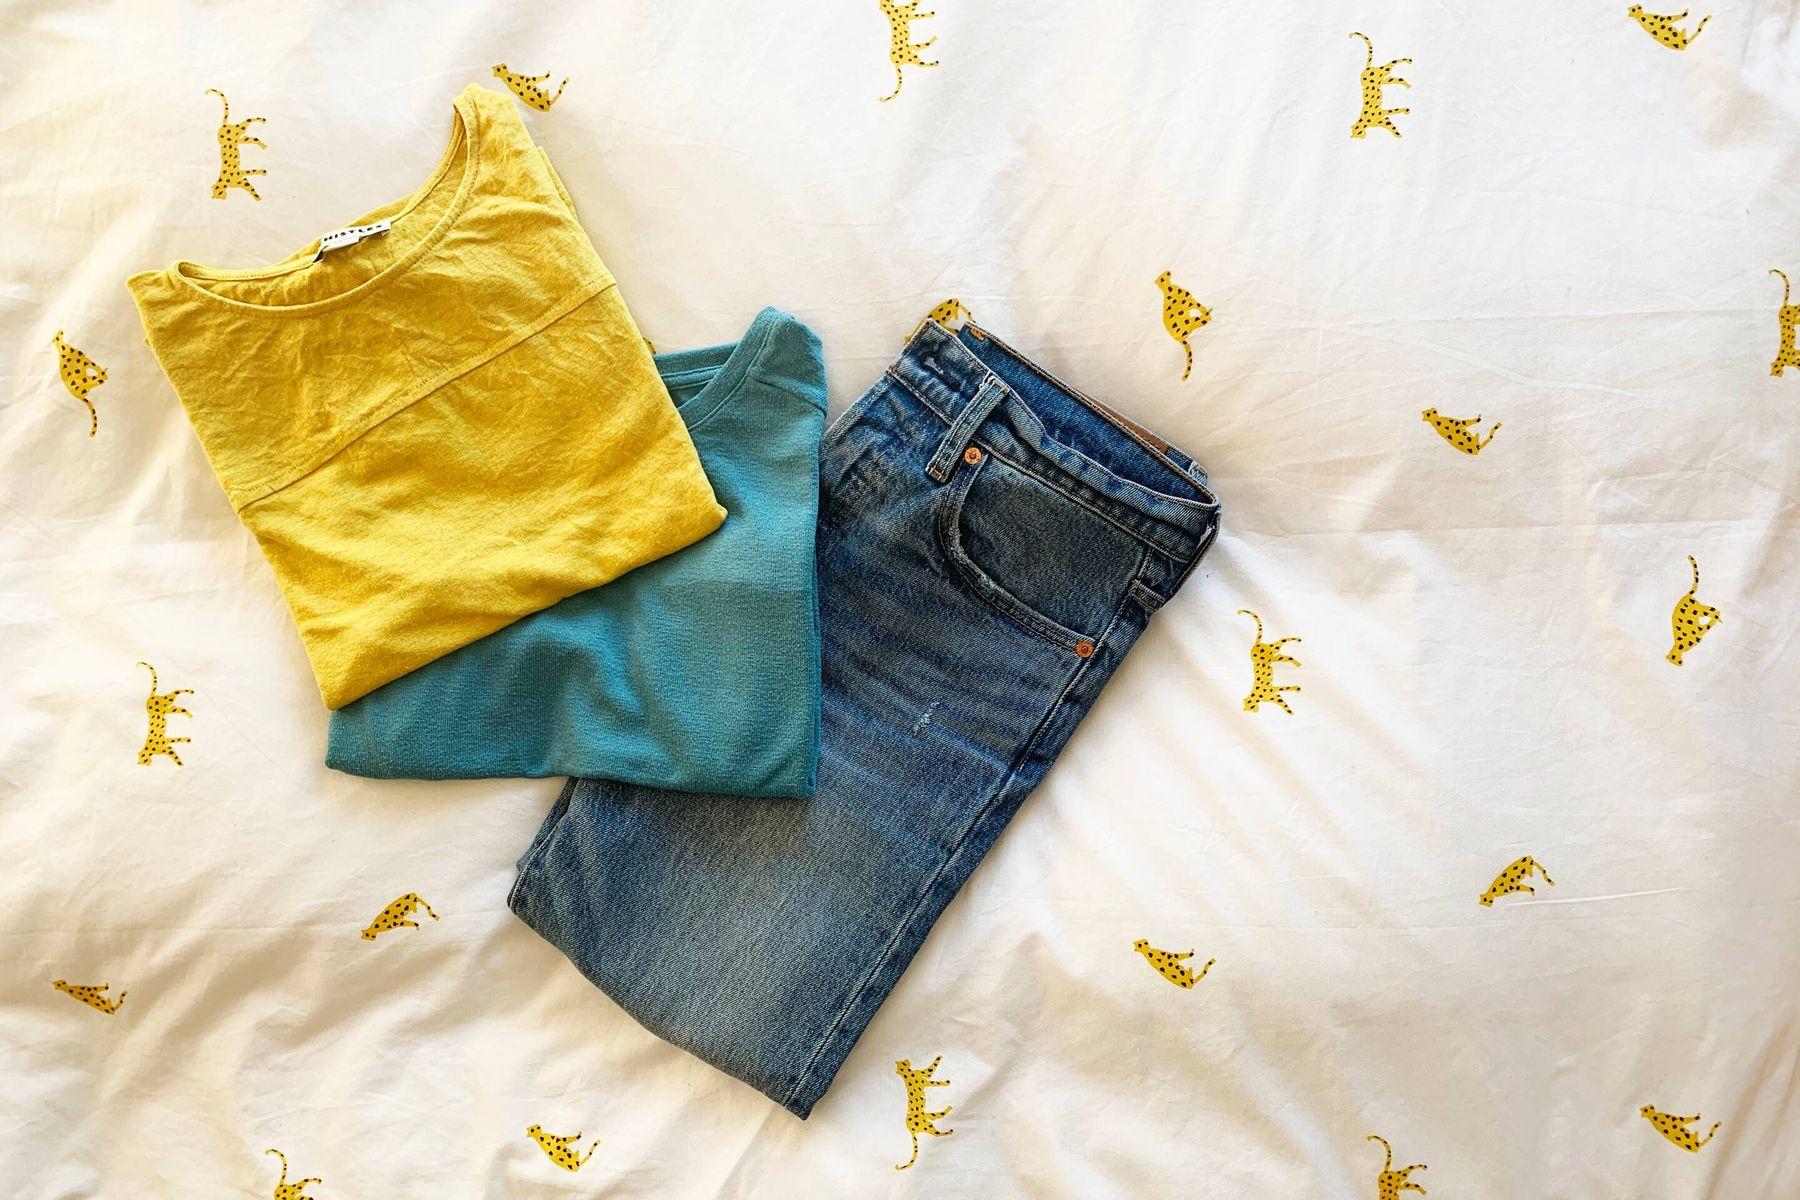 Kıyafetler Nasıl Dezenfekte edilir? Giysilerdeki Bakterilerden Nasıl Korunuruz?